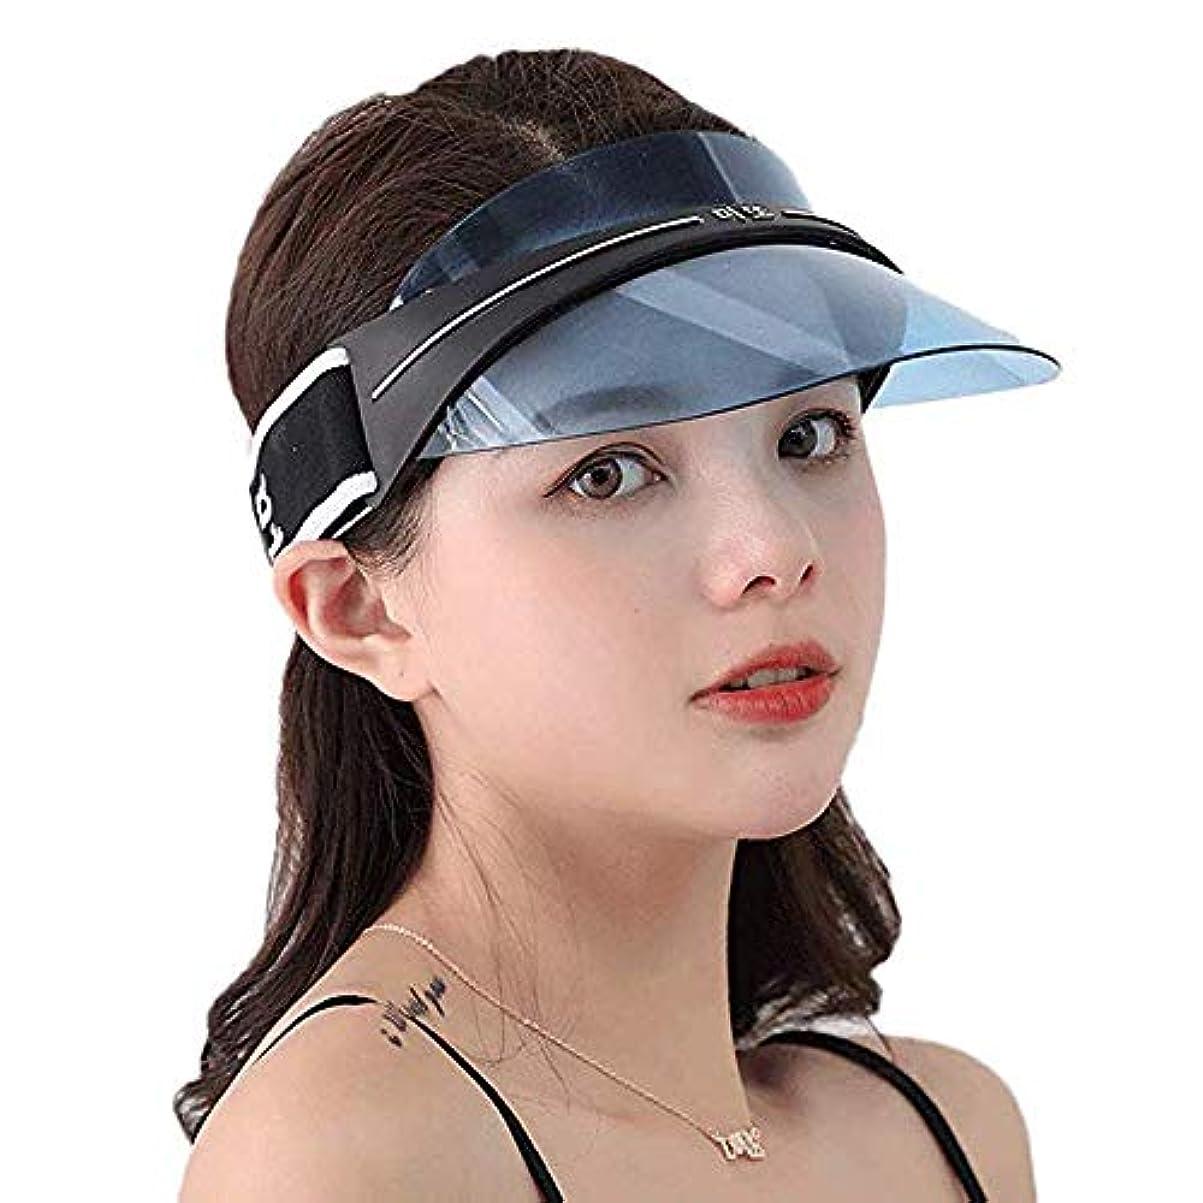 放課後肘船上サンバイザー レディース メンズ 男女兼用 レインハット レインバイザー 自転車 キャップ UVカット UPF50+ 紫外線対策 日焼け対策 つば広 ワイド おしゃれ 帽子 (ブルー)